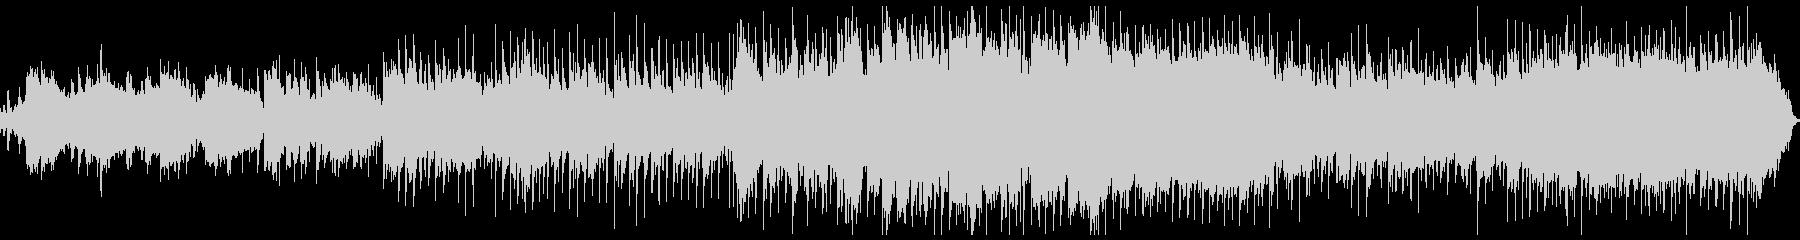 スロー。ピアノバー。ハーモニカ&サ...の未再生の波形